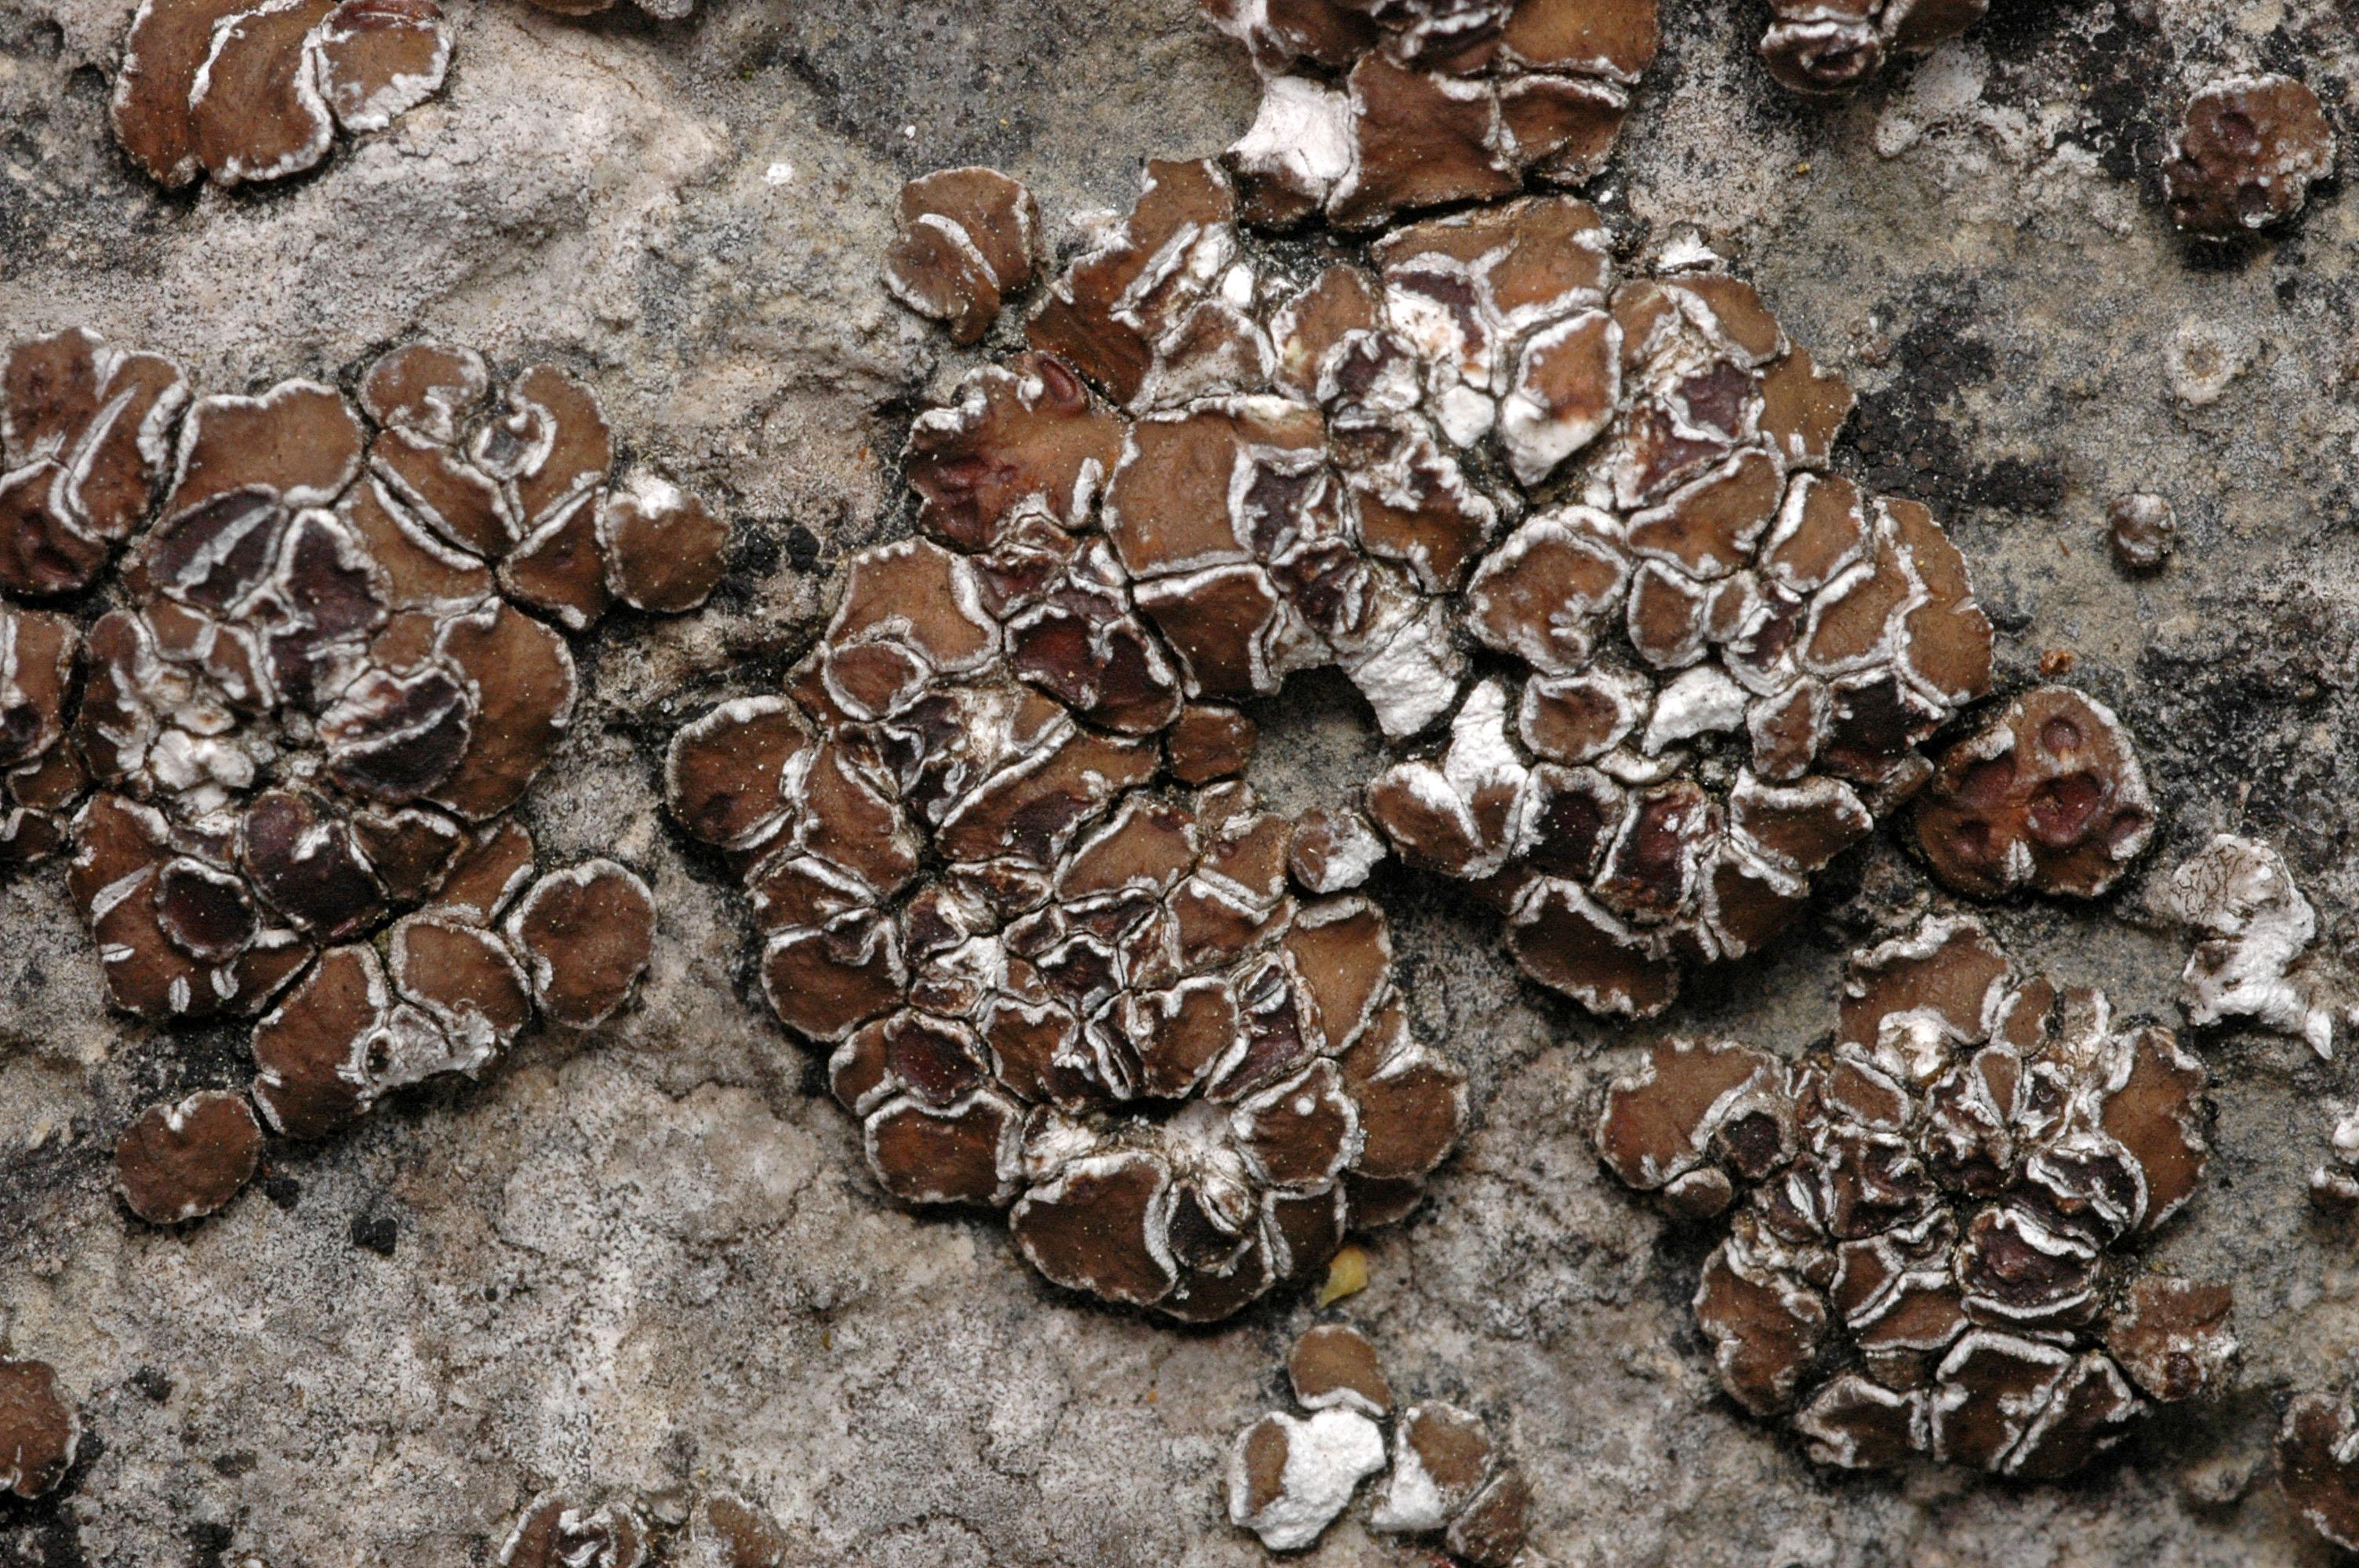 Acarospora cervina